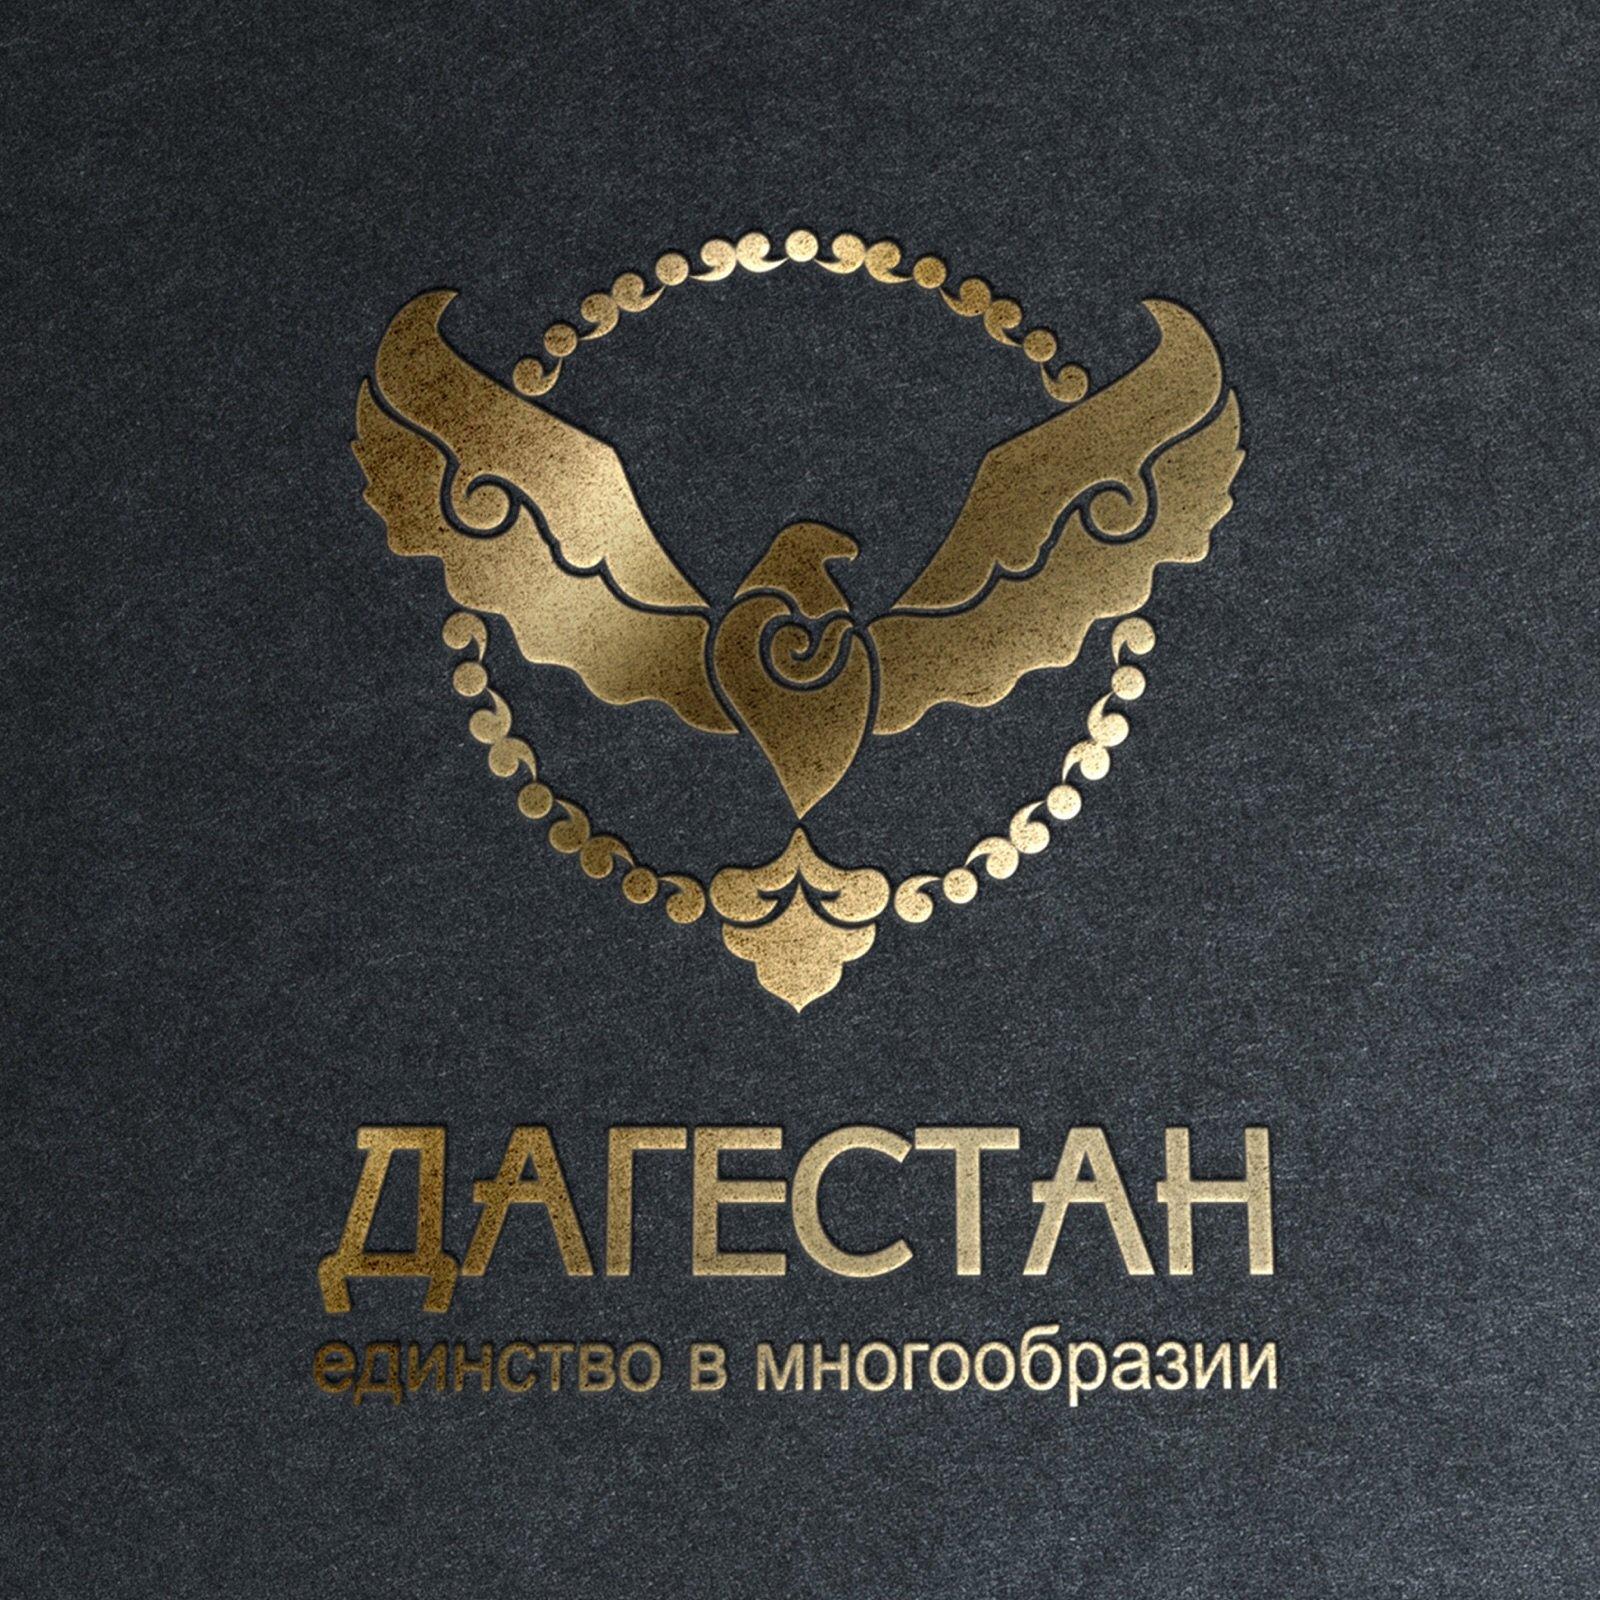 Красивые картинки с надписями дагестан